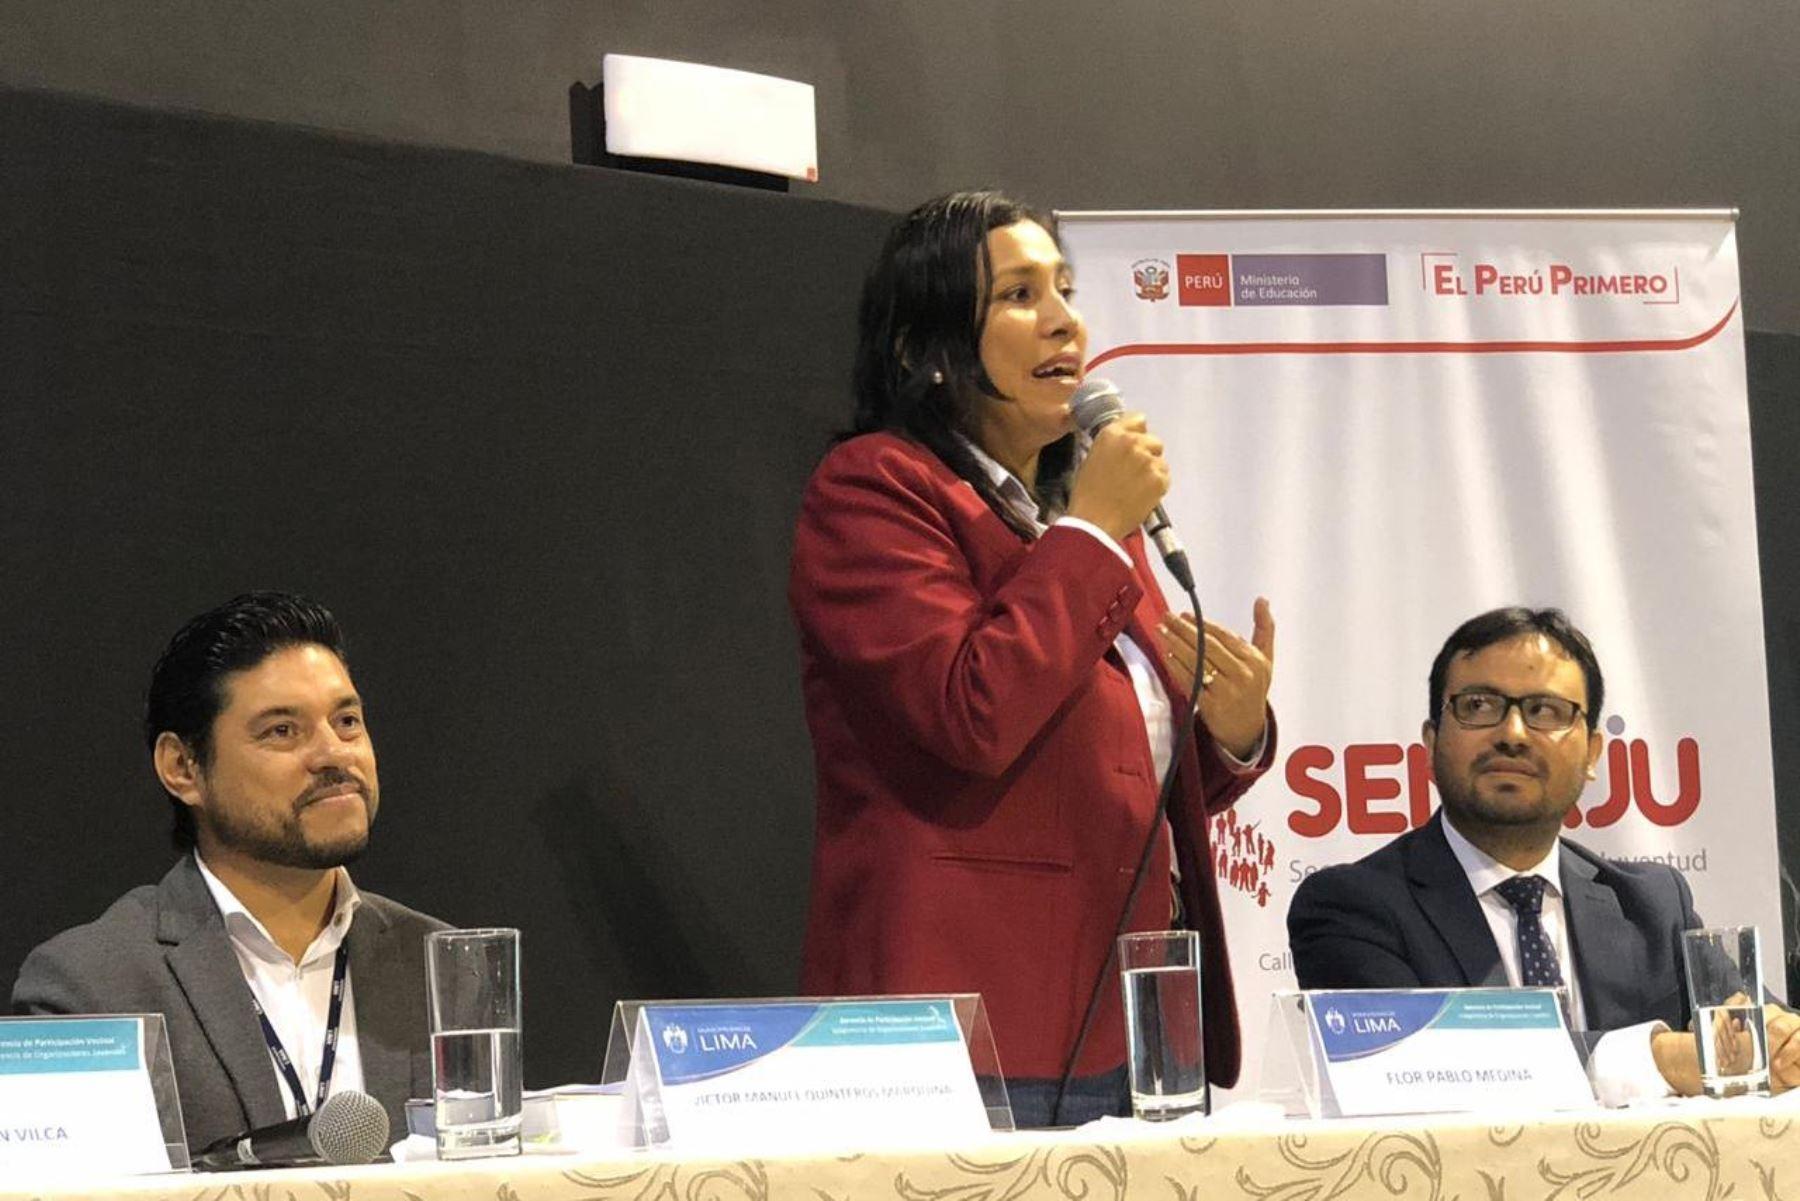 La ministra de Educación, Flor Pablo, participó en foro regional de jóvenes líderes en el Teatro Municipal. Foto: ANDINA/Minedu.